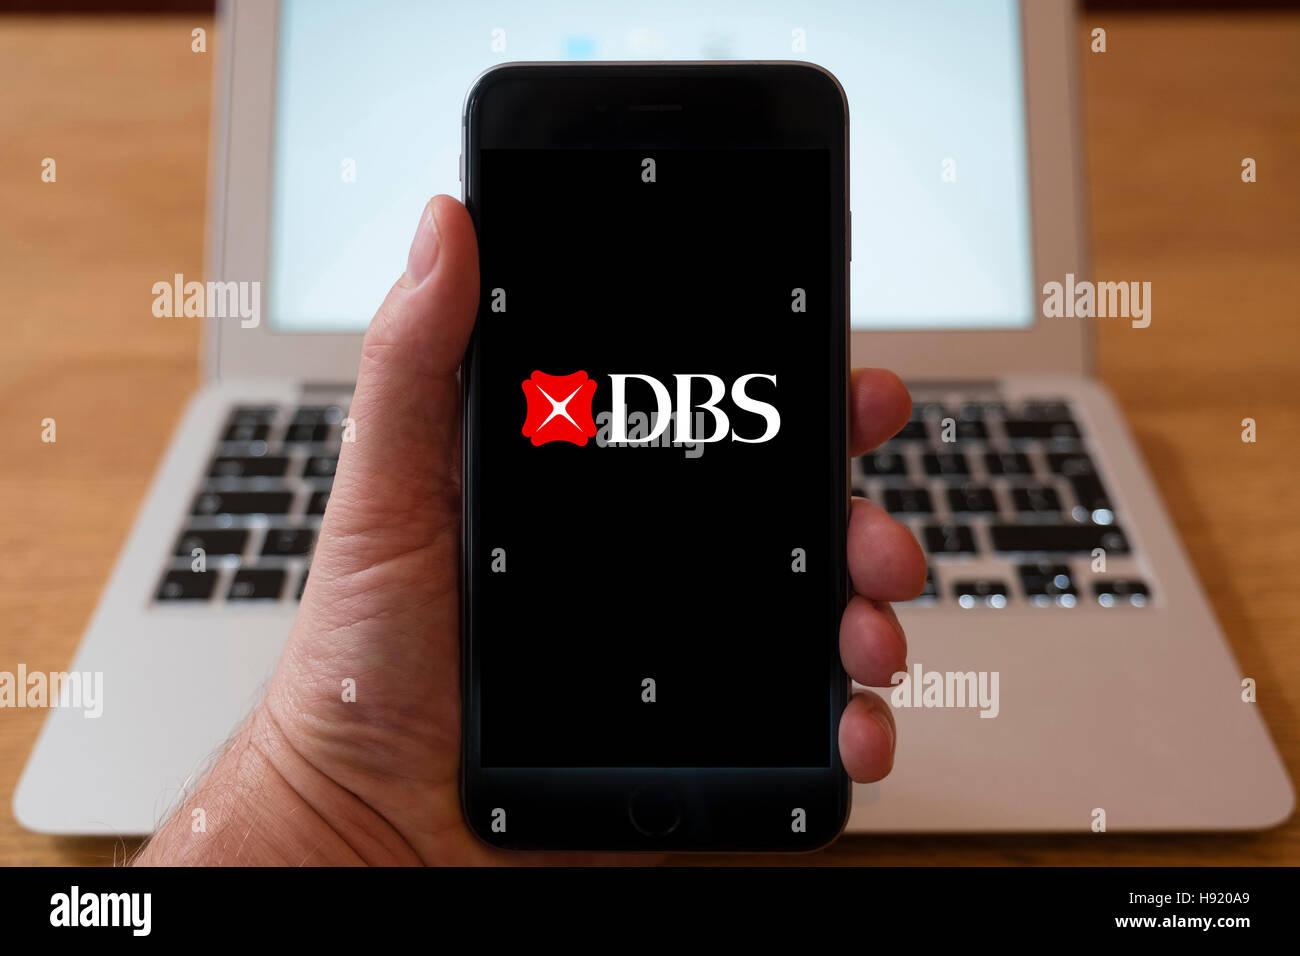 L'utilisation de l'iPhone téléphone intelligent pour afficher le logo du site web de DBS, une multinationale singapourienne groupe bancaire et financier Banque D'Images